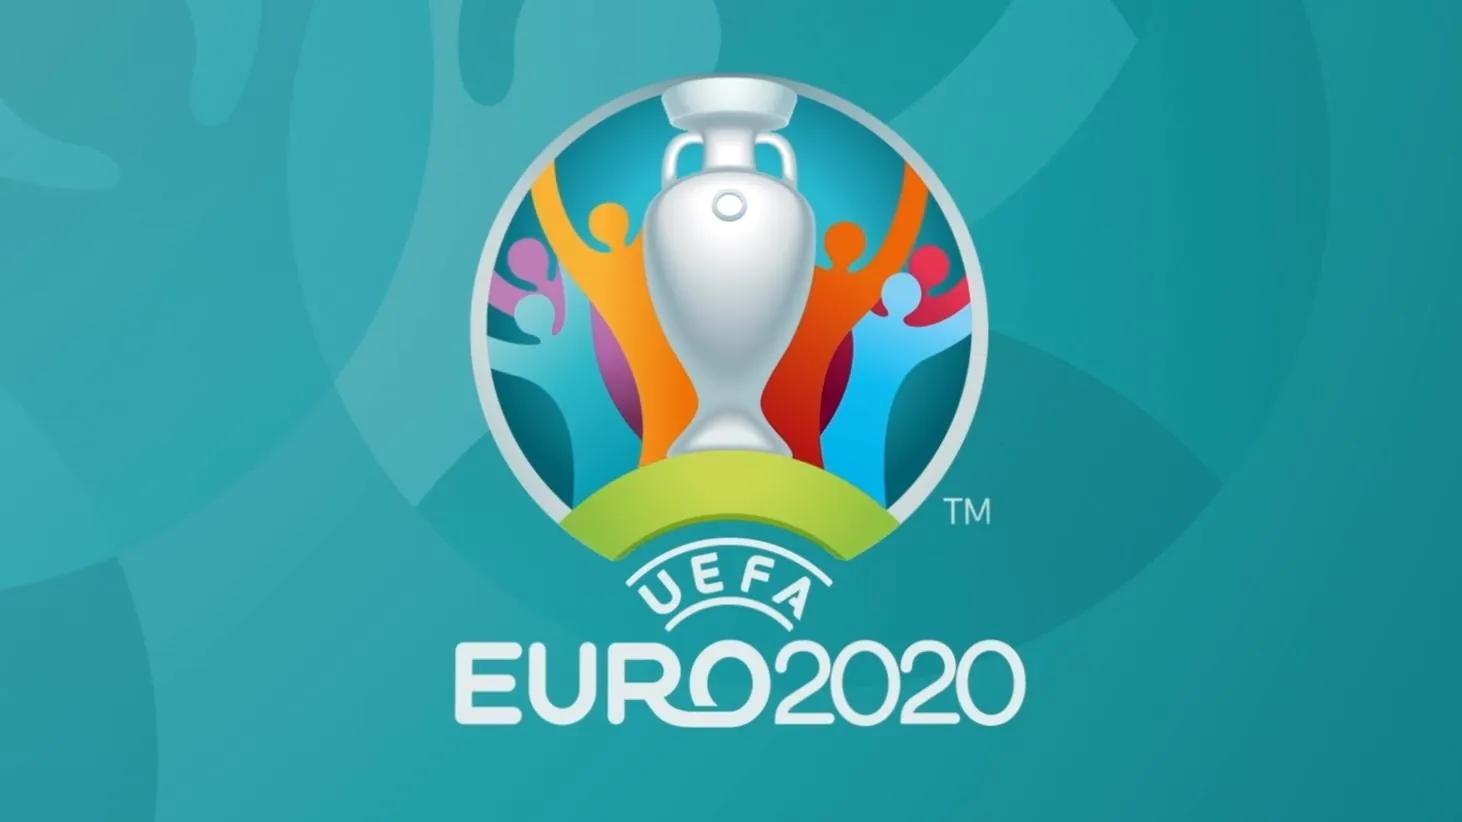 UEFA Euro 2020: Diffusion en direct des matchs de l'équipe de France sur les chaînes La 1ère